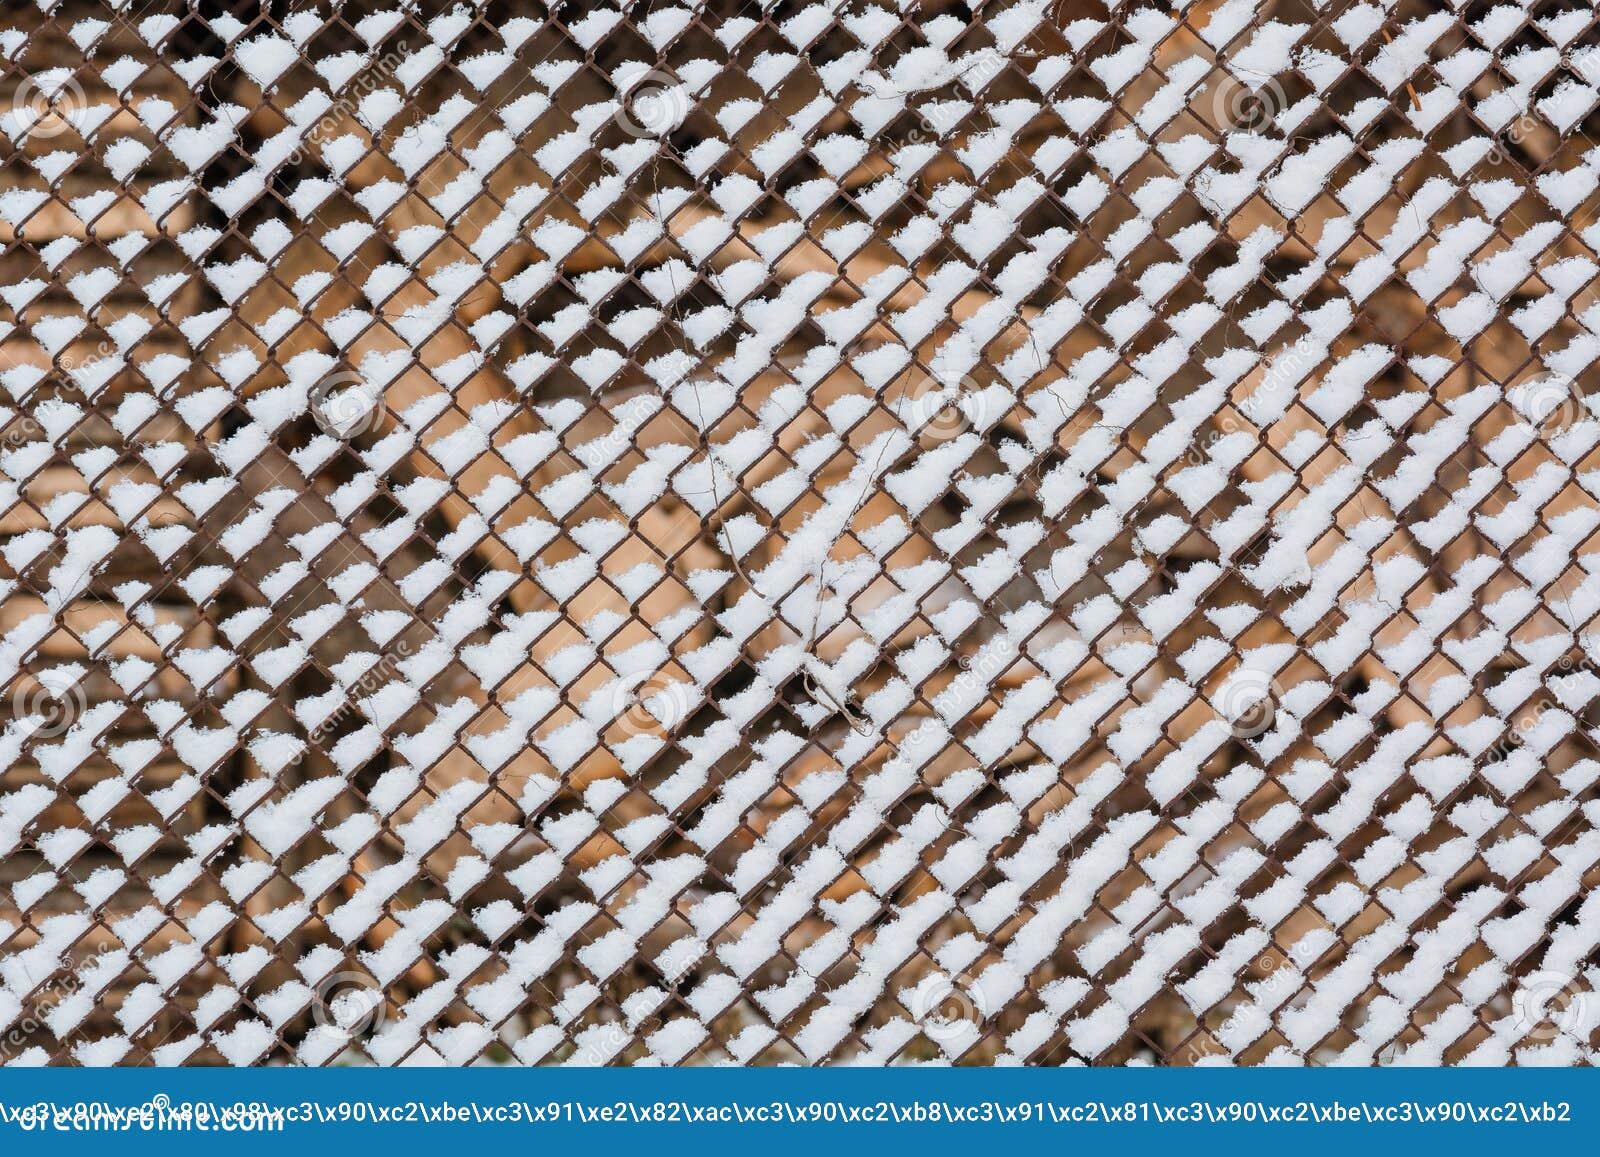 Sneeuw op een net Het is heel wat sneeuw op een net